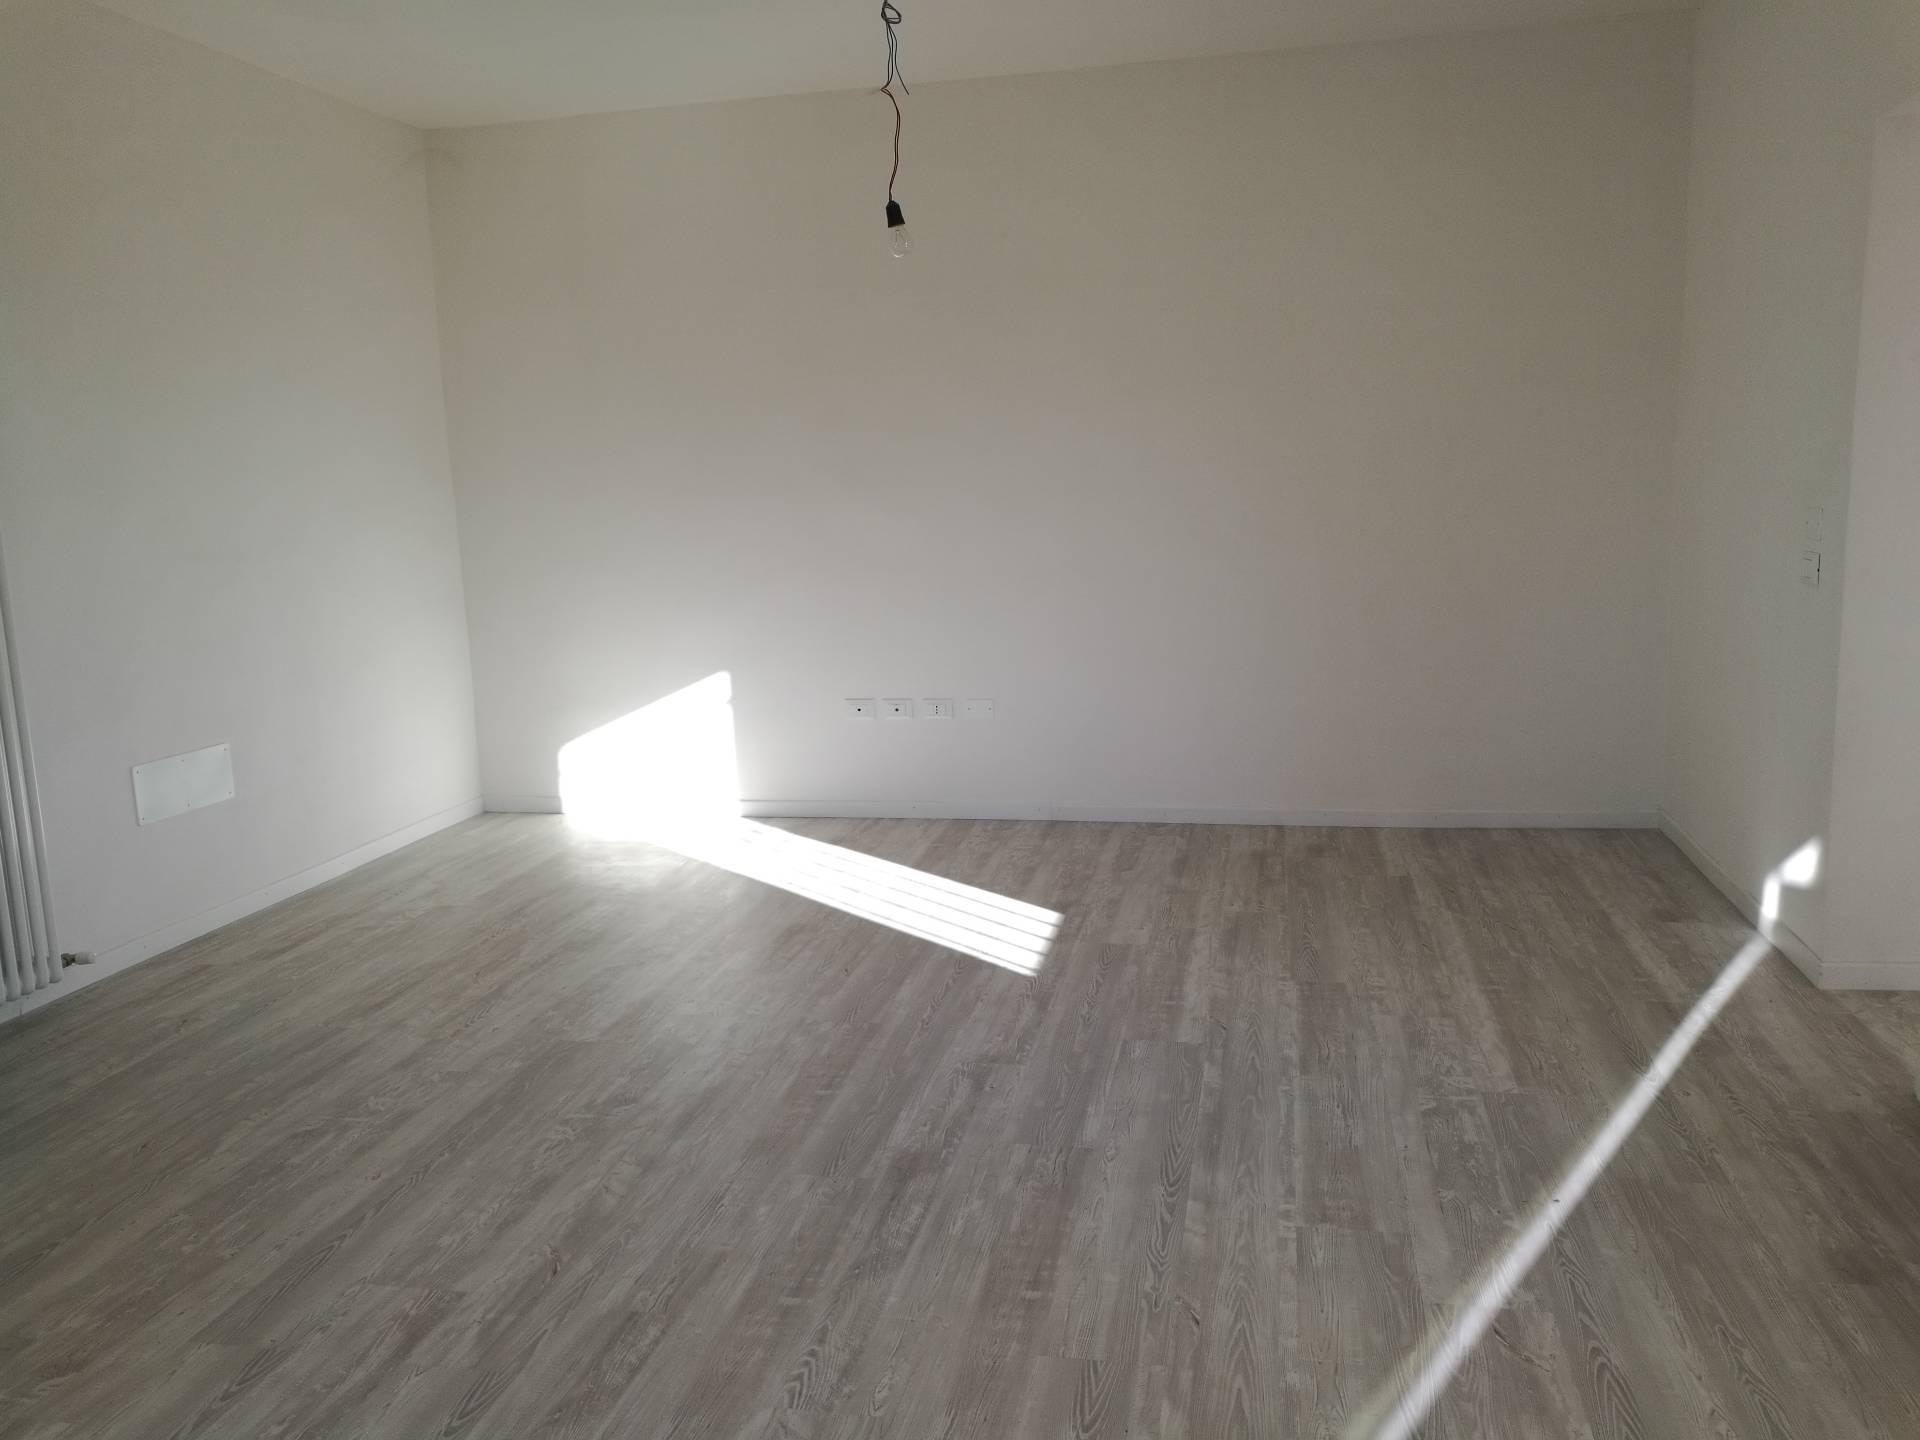 Appartamento in affitto a Lugo, 4 locali, zona Località: Semicentrale, prezzo € 600 | CambioCasa.it